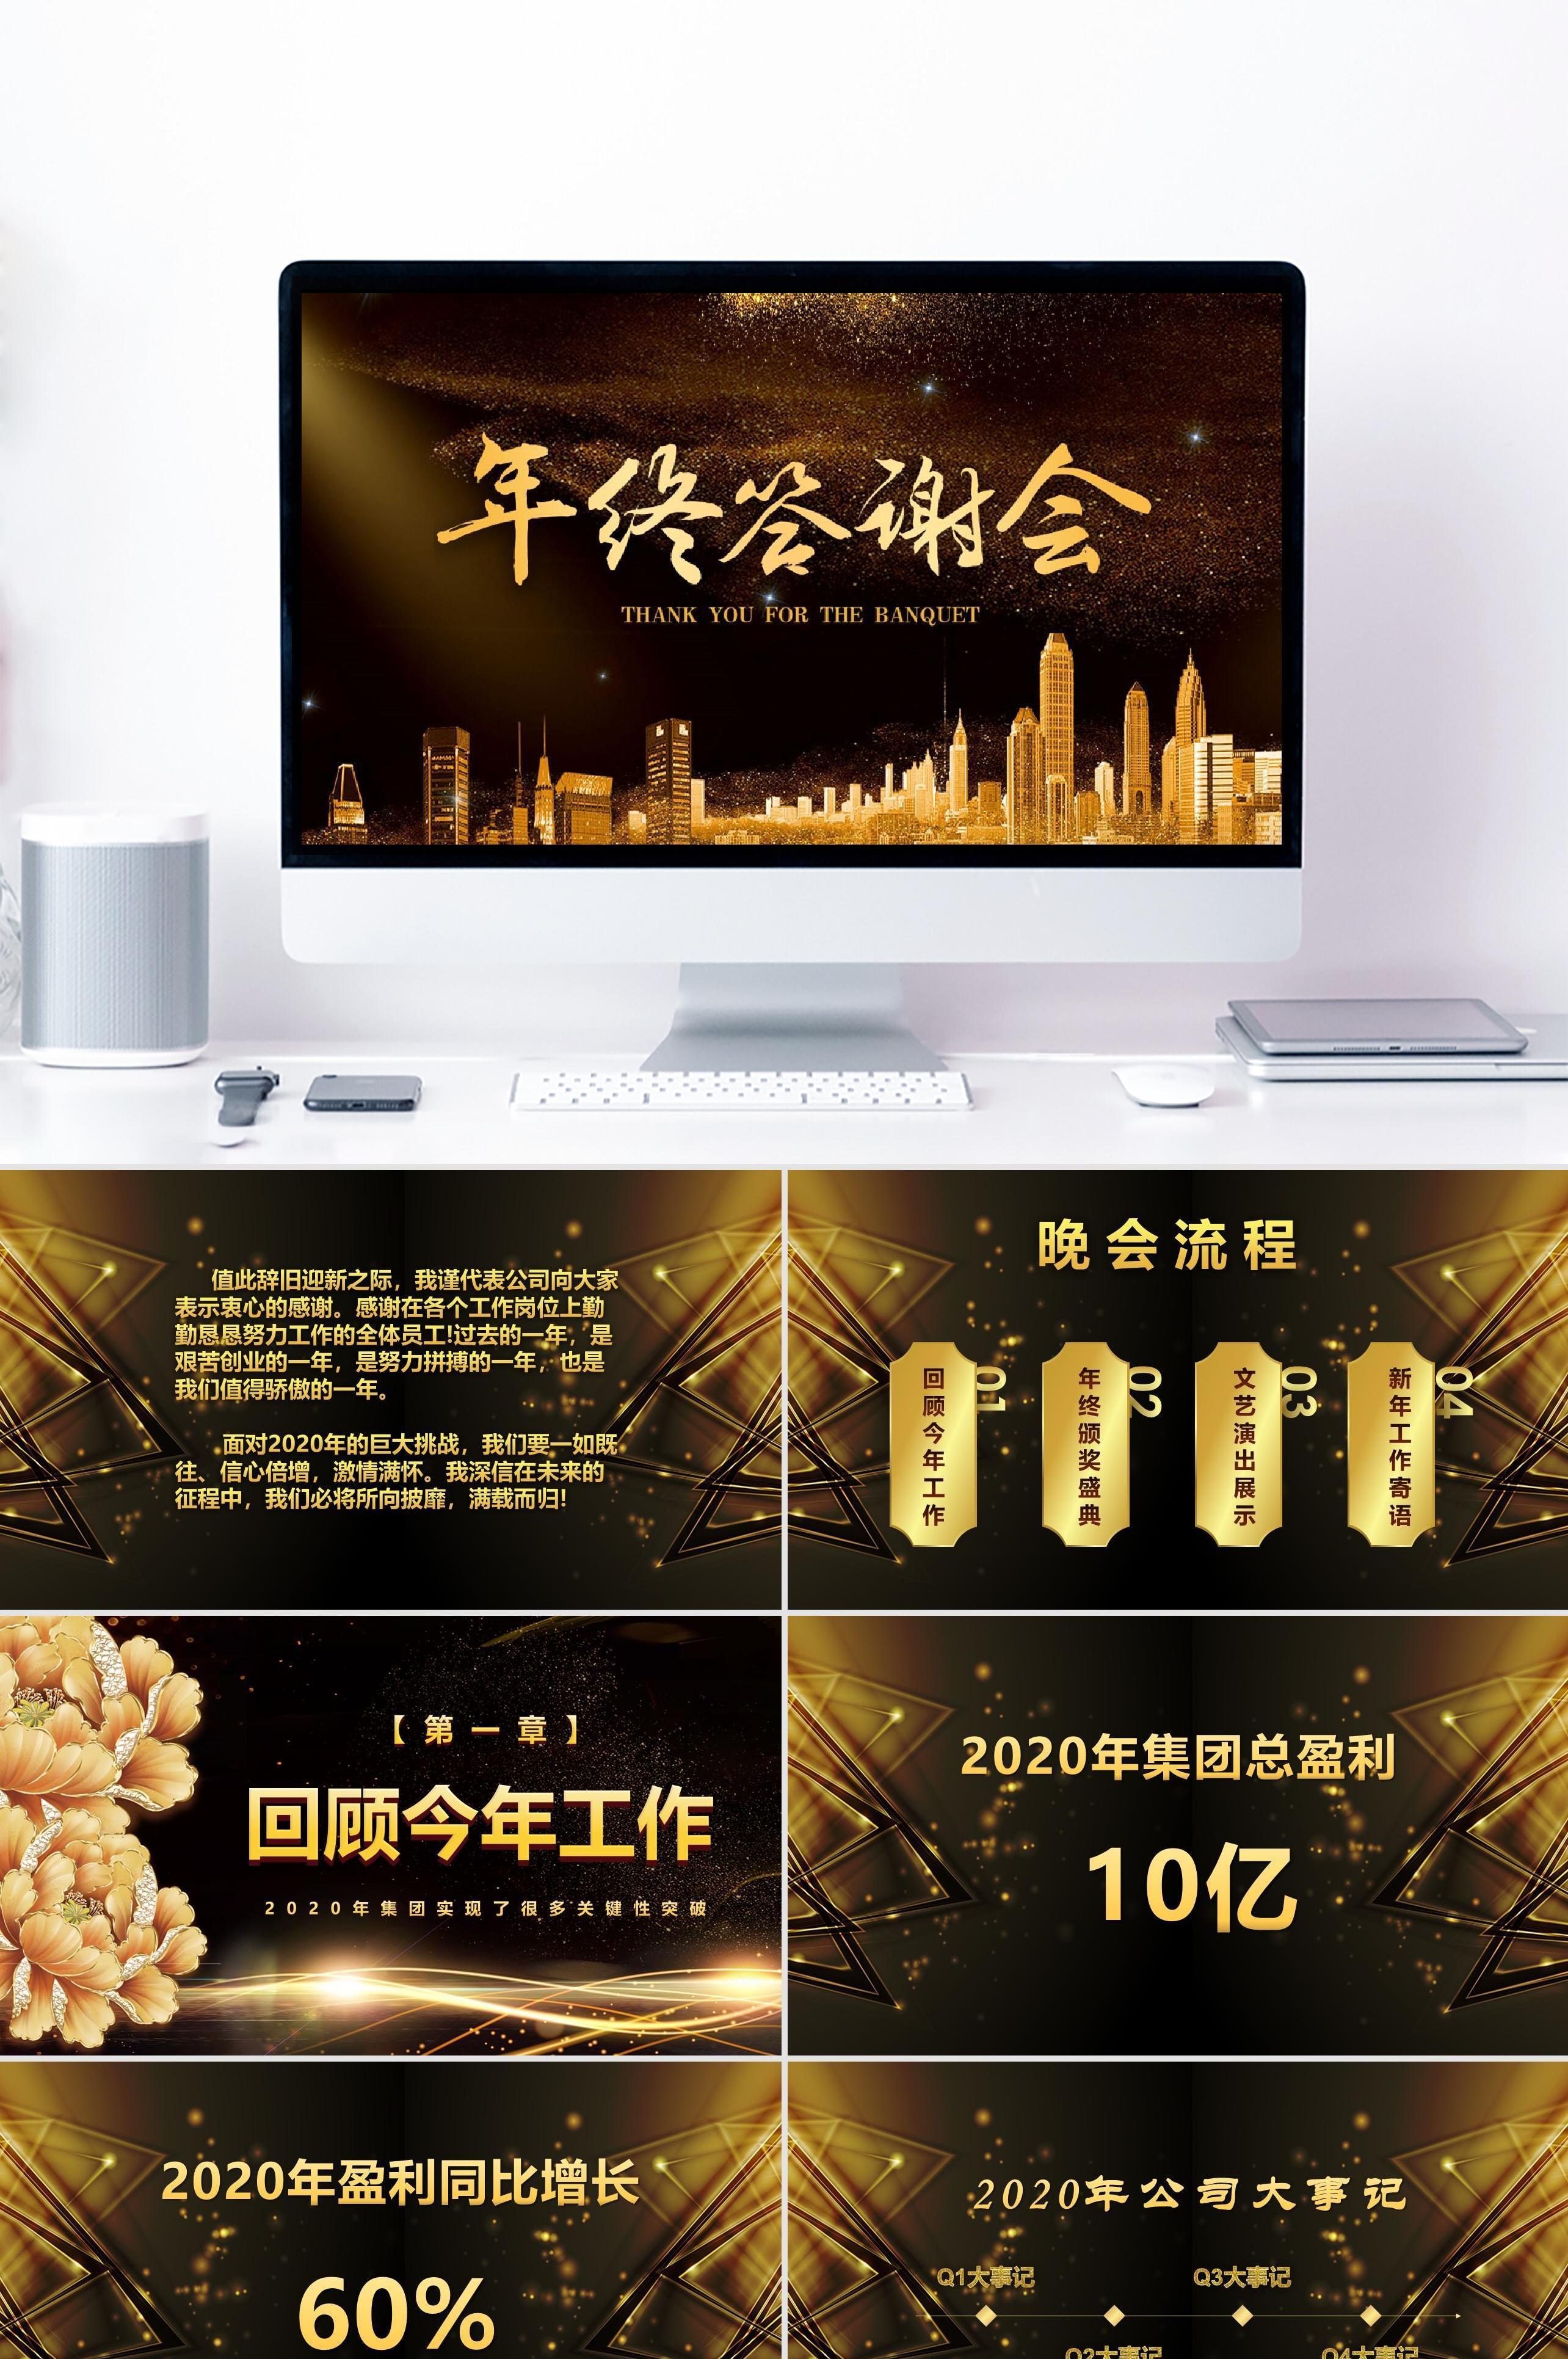 金色企业年会暨颁奖晚会年会PPT模板